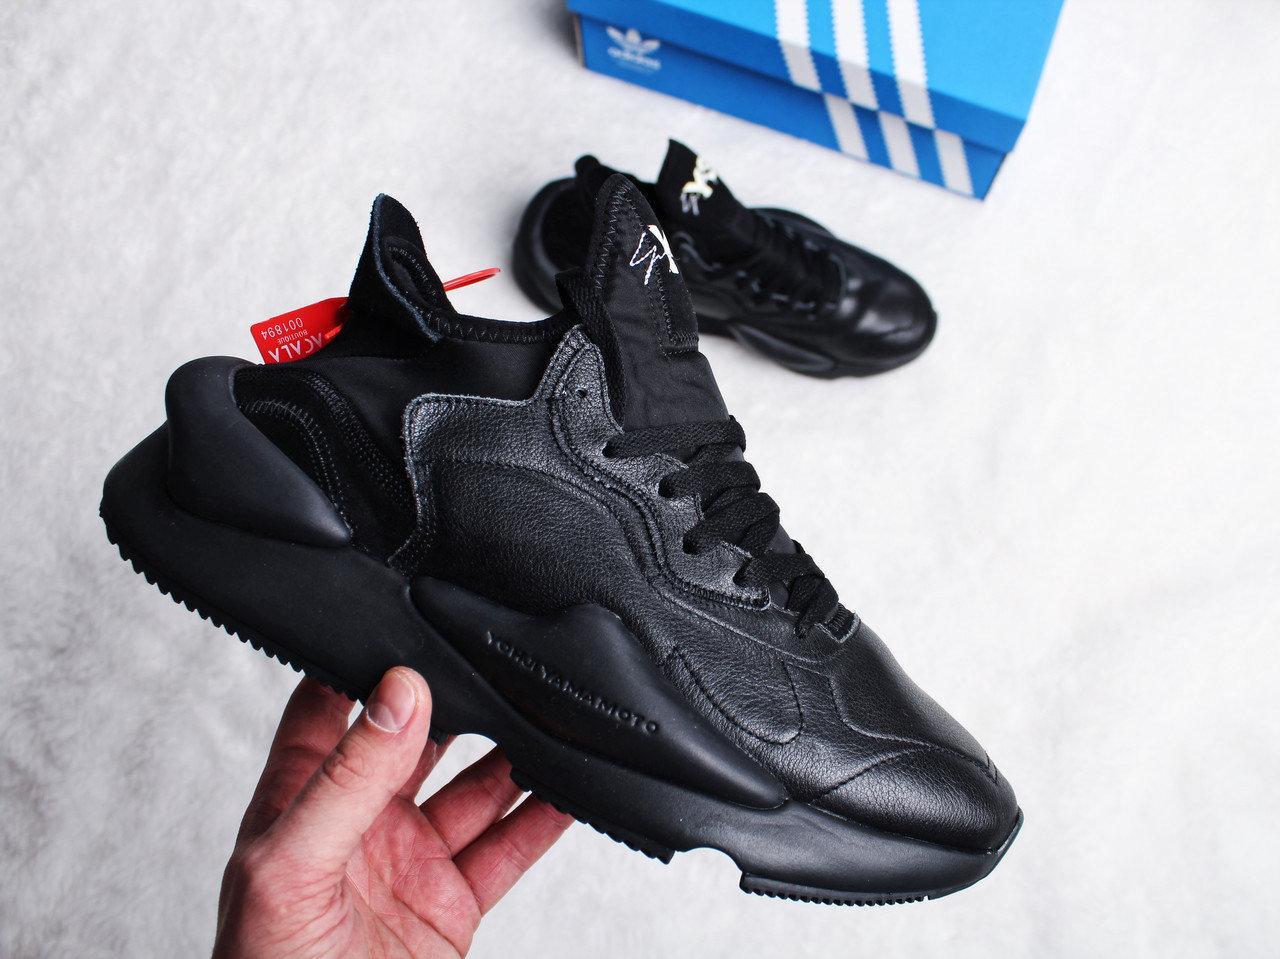 Кроссовки Унисекс Adidas Y-3 Kaiwa Chunky Sneakers